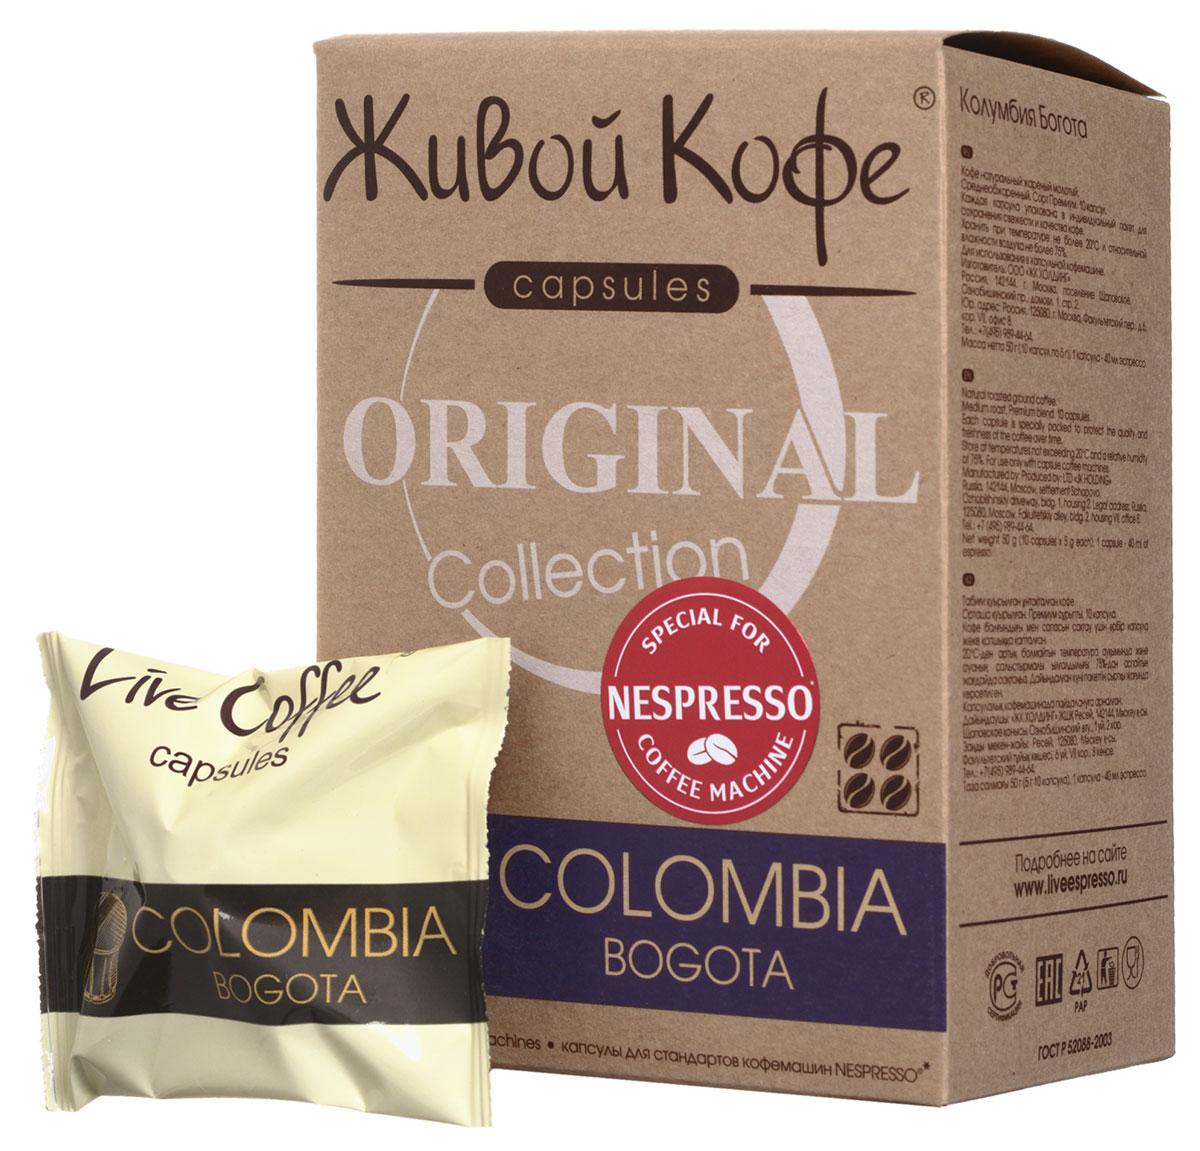 Живой Кофе Colombia Bogota кофе в капсулах (индивидуальная упаковка), 10 шт кофе caffitaly кофе в капсулах mesico